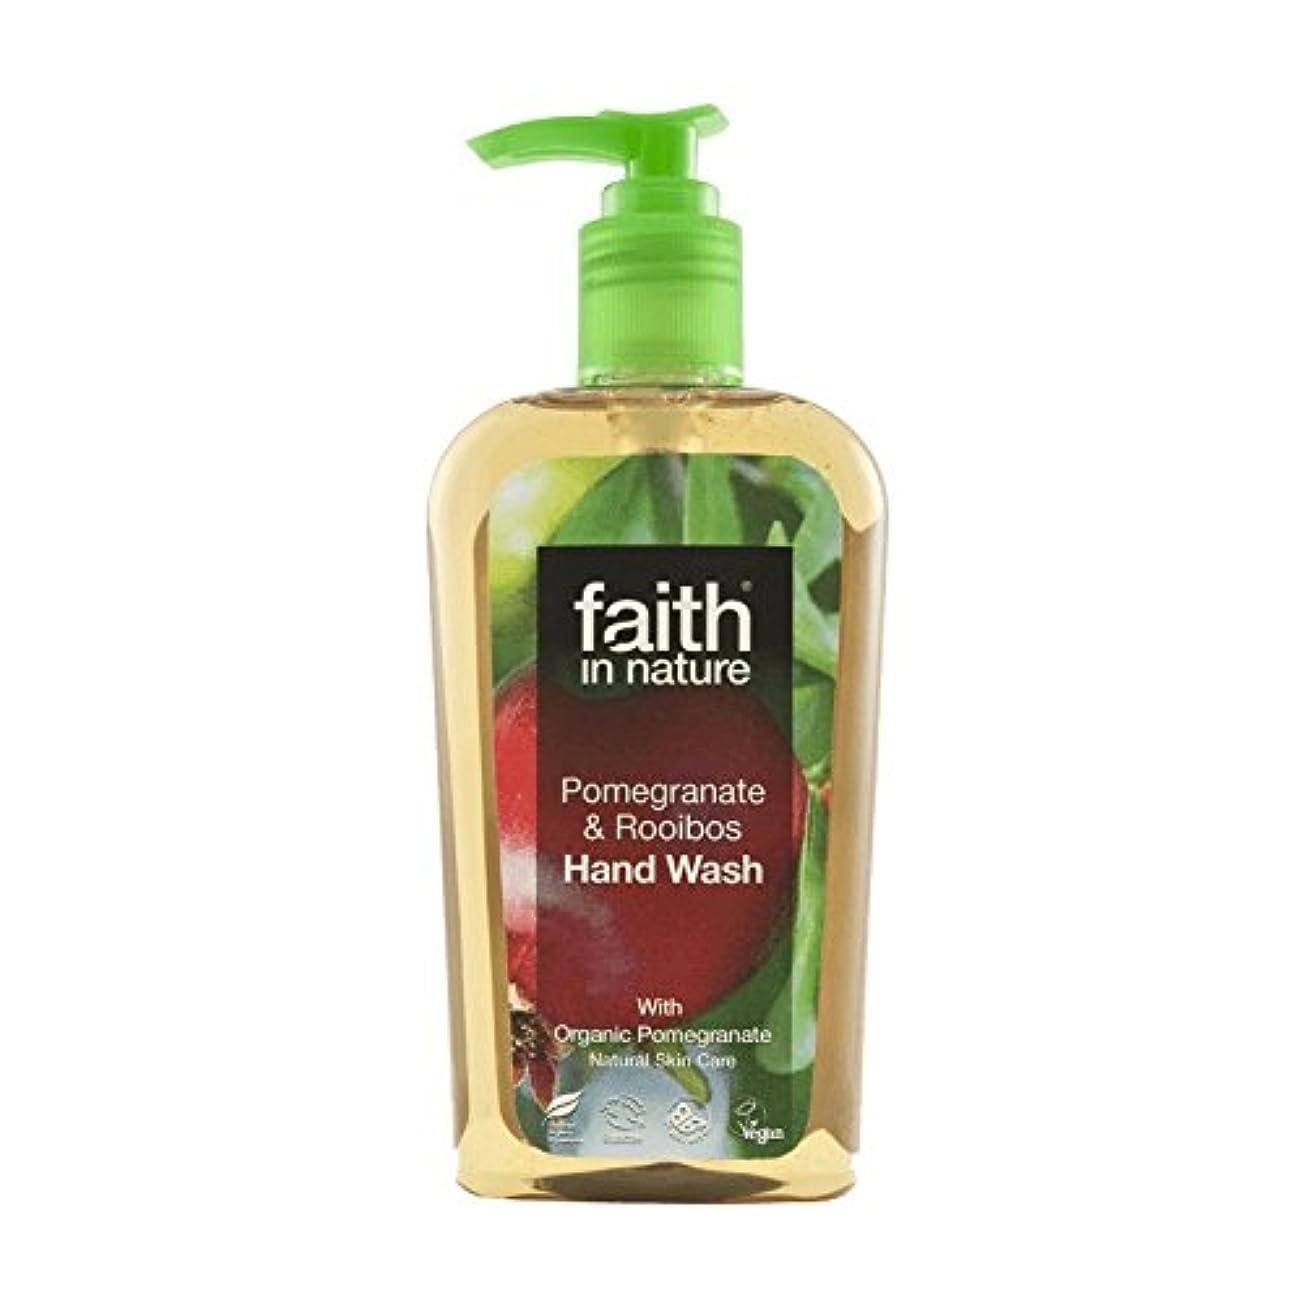 救急車マーティフィールディング打ち負かすFaith In Nature Pomegranate & Rooibos Handwash 300ml (Pack of 2) - 自然ザクロ&ルイボス手洗いの300ミリリットルの信仰 (x2) [並行輸入品]